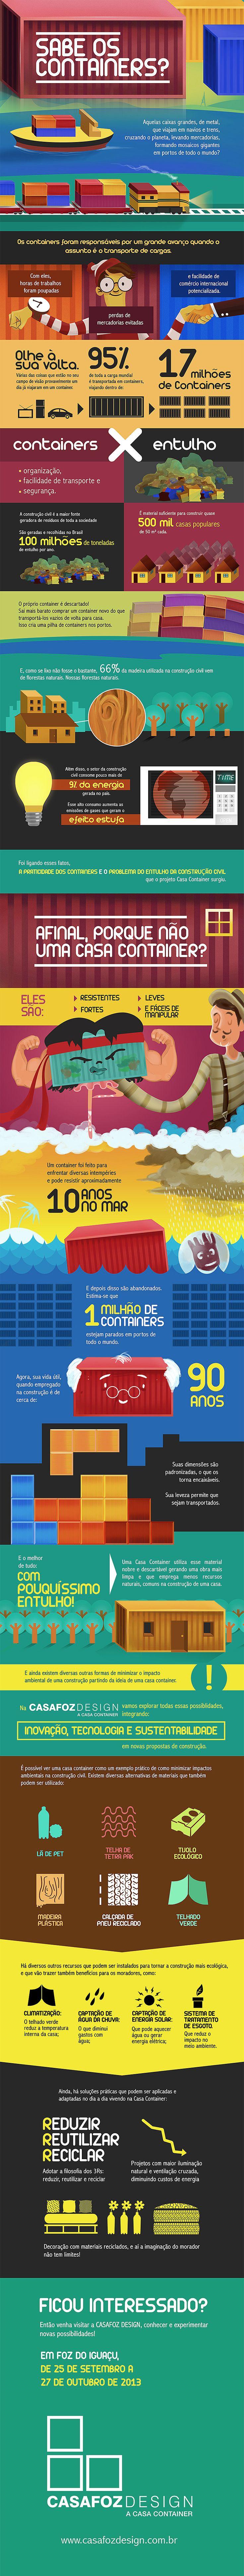 Informações sobre a utilização de containers na construção civil e para o projeto CASAFOZ DESIGN - A CASA CONTAINER em Foz do Iguaçu/PR.